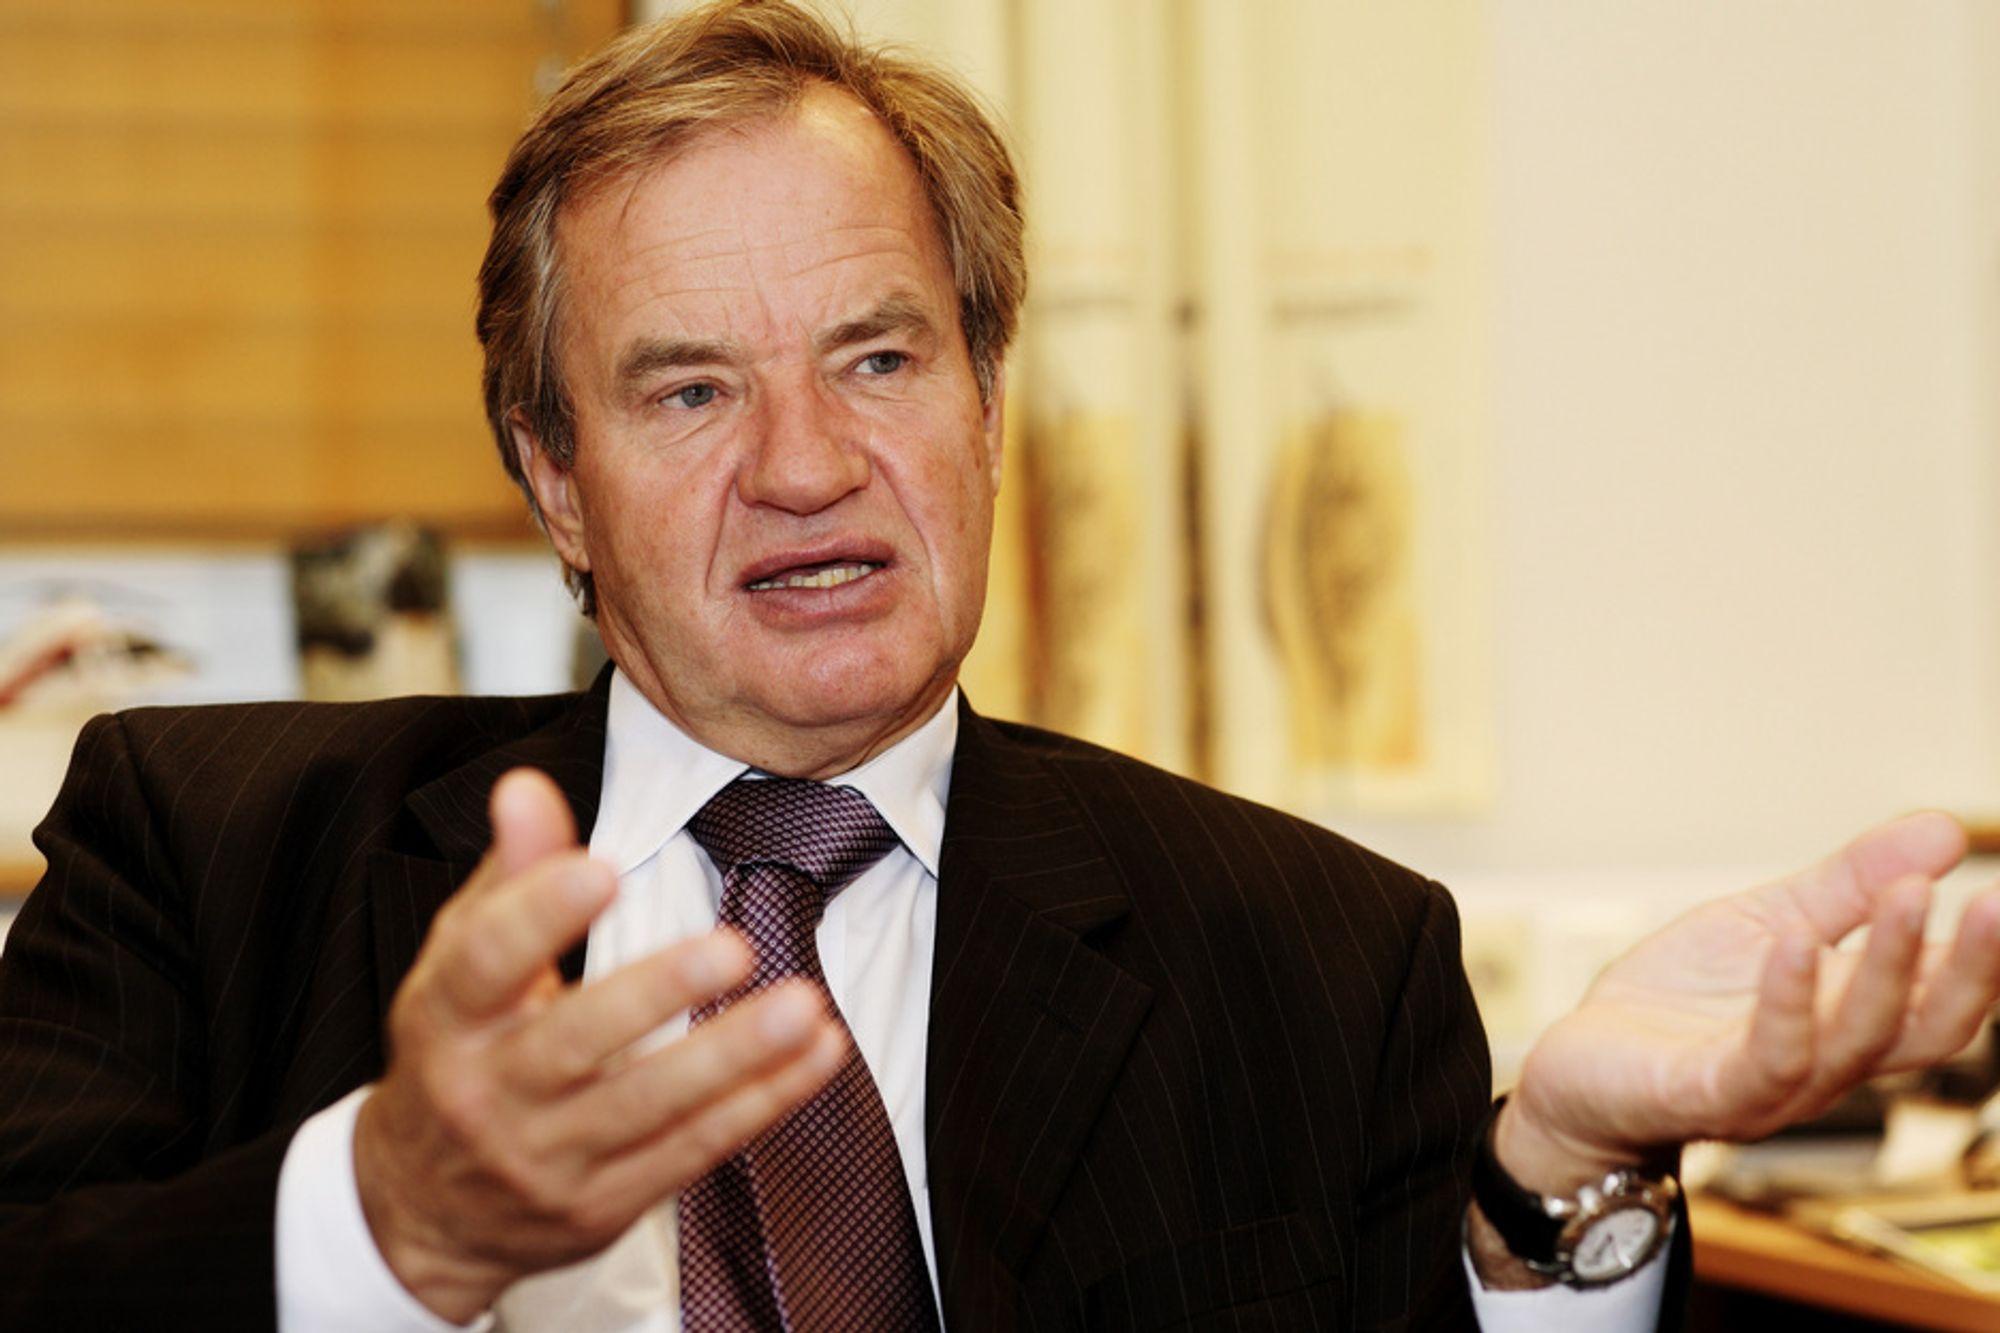 - Norwegian har aldri tjent mer penger enn under finanskrisen, sier Bjørn Kjos. Nå håper han på mindre komplisert sikkerhetskontroll.